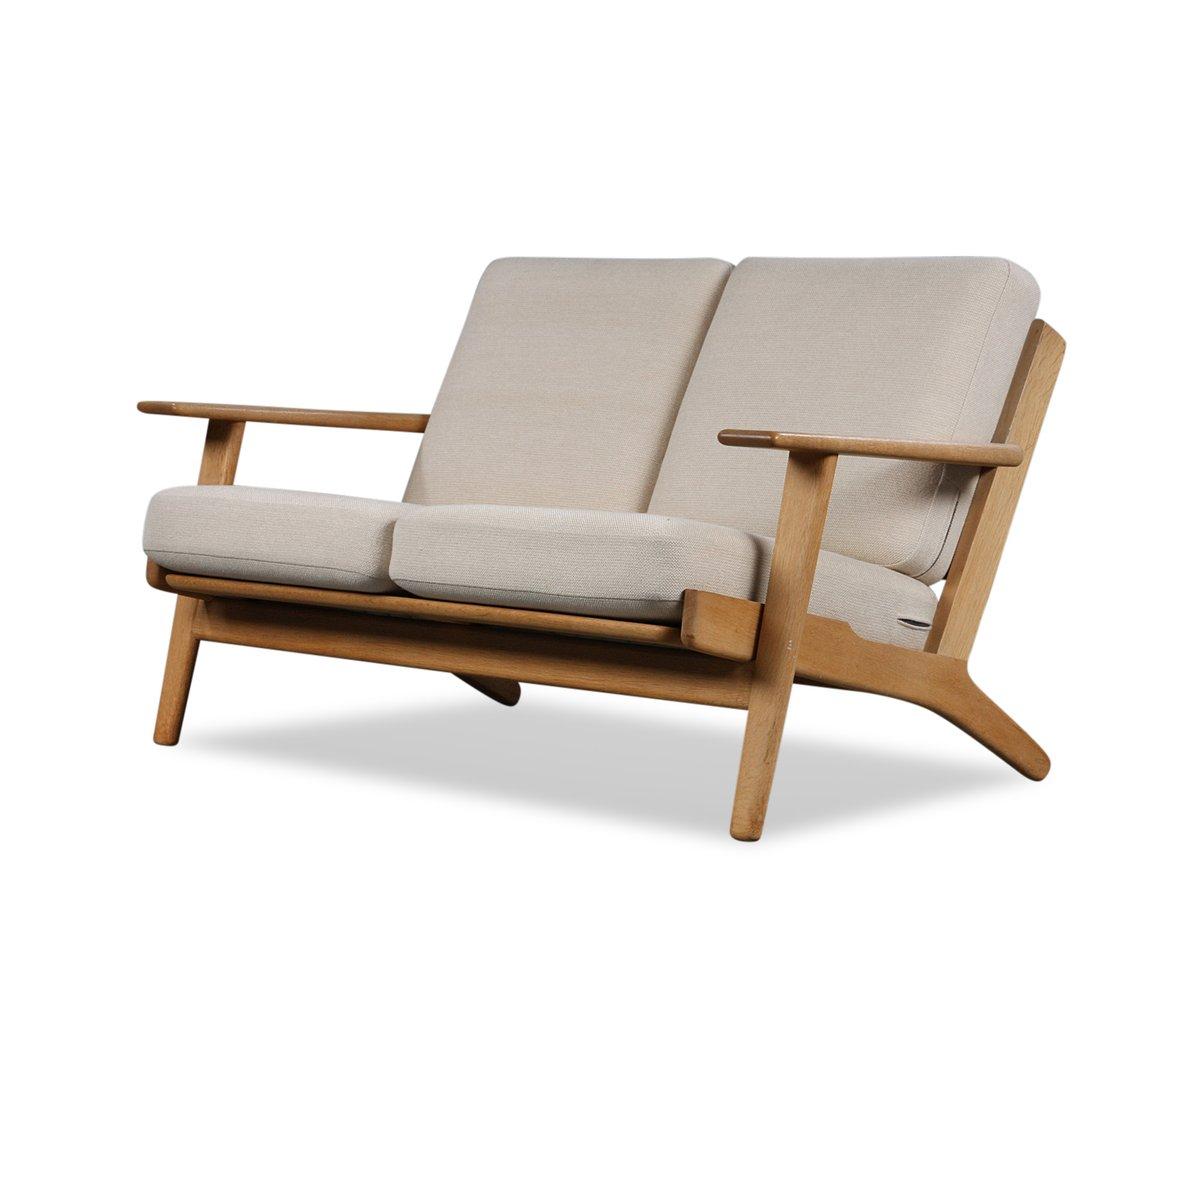 GE-290 2-Sitzer Sofa aus Eiche von Hans J. Wegner für Getama, 1950s